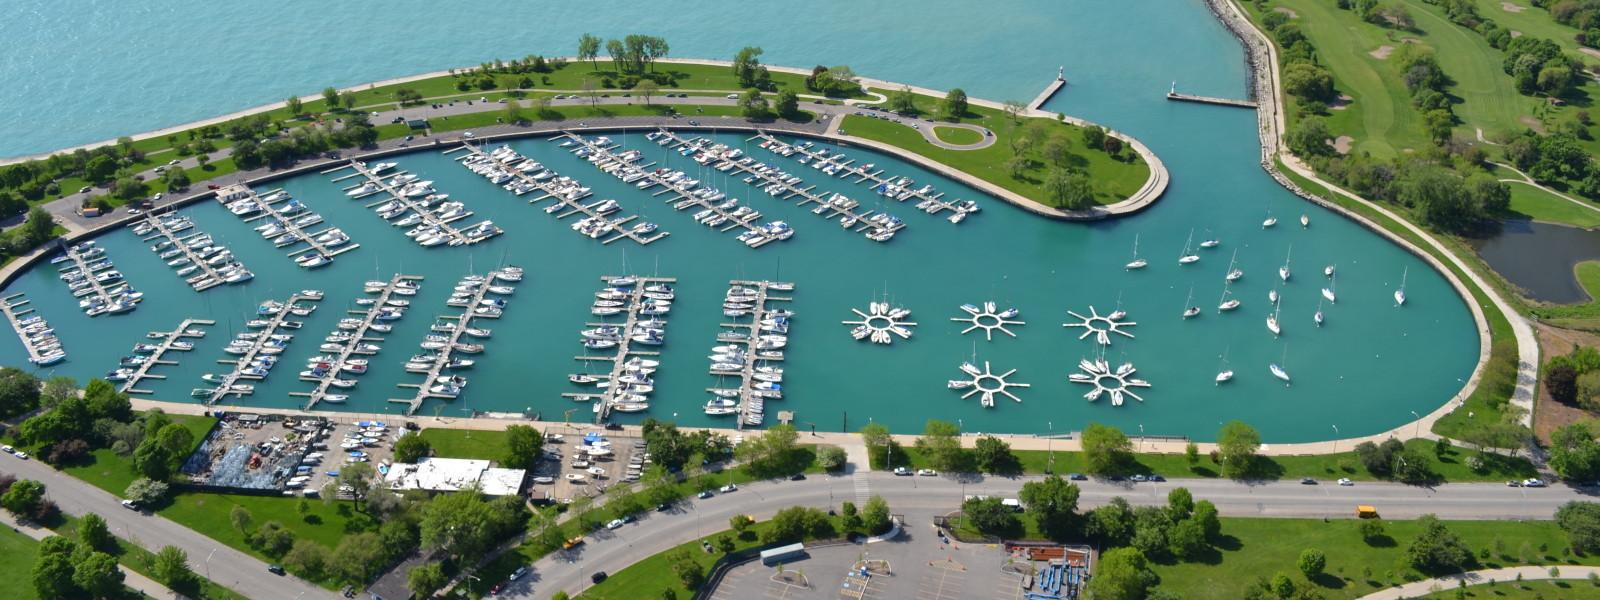 montrose harbor Chicago, IL -